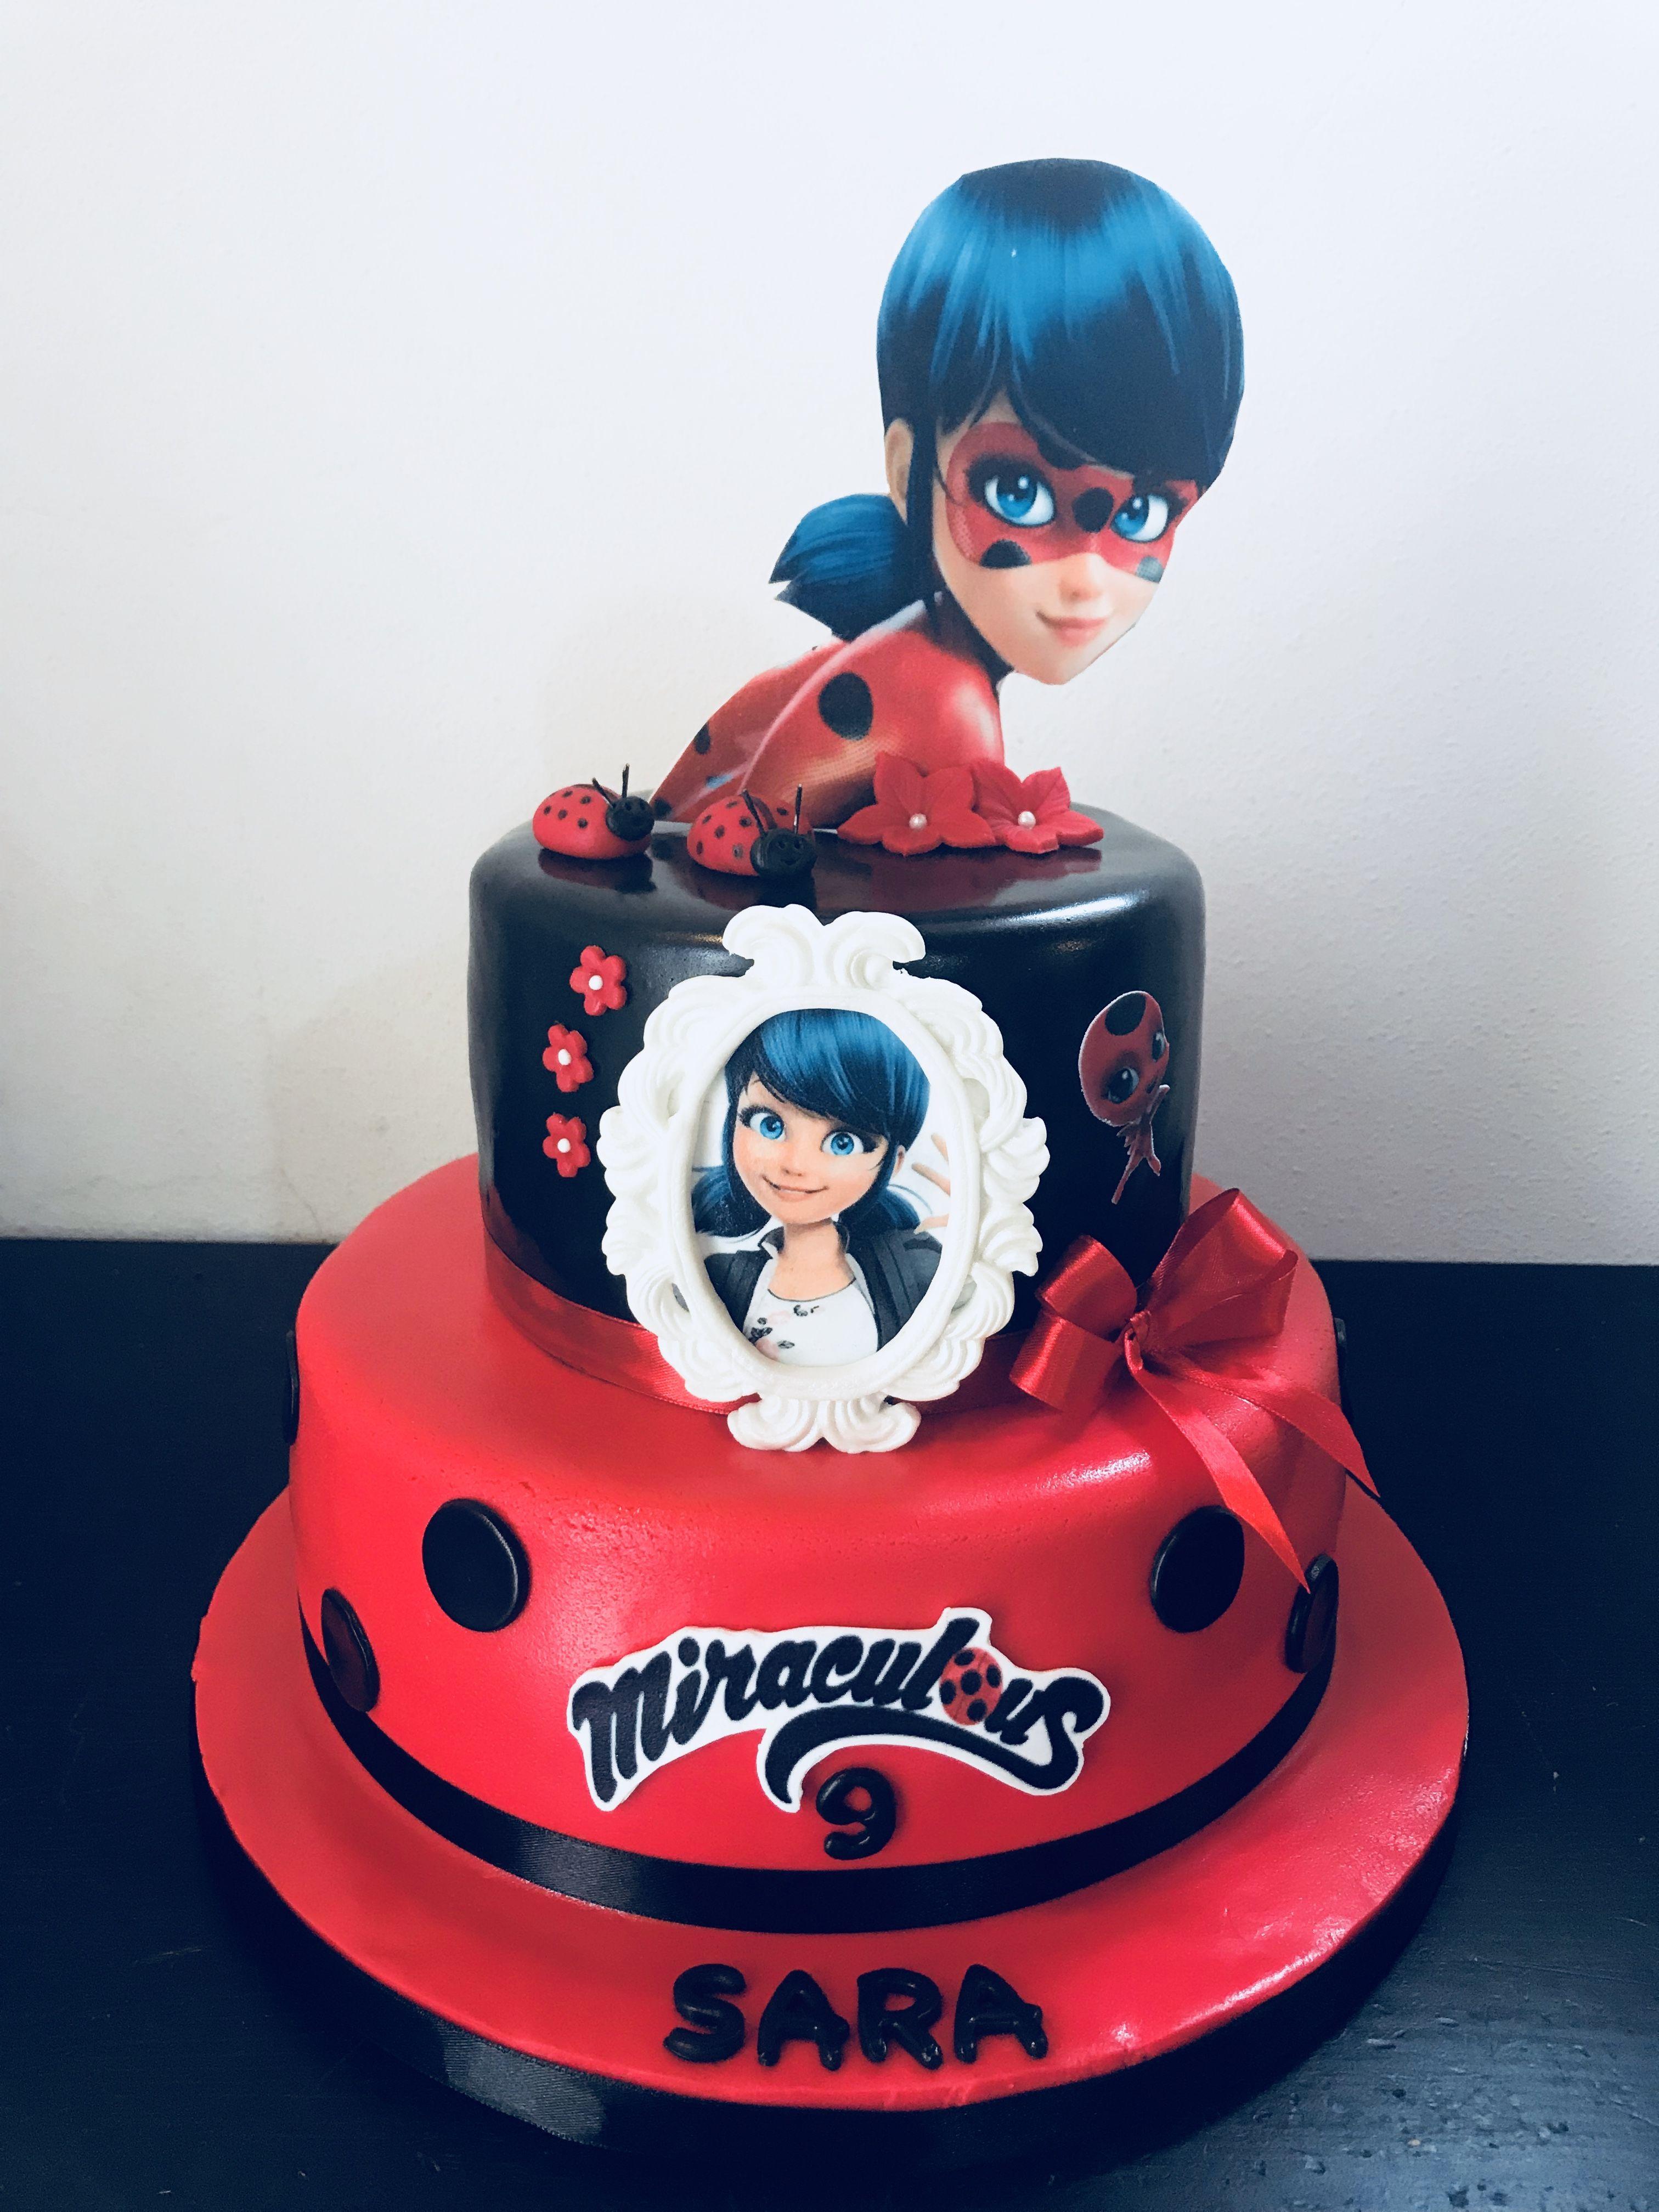 Ladybug Miraculous Cake By Na Furtado Cake Designer